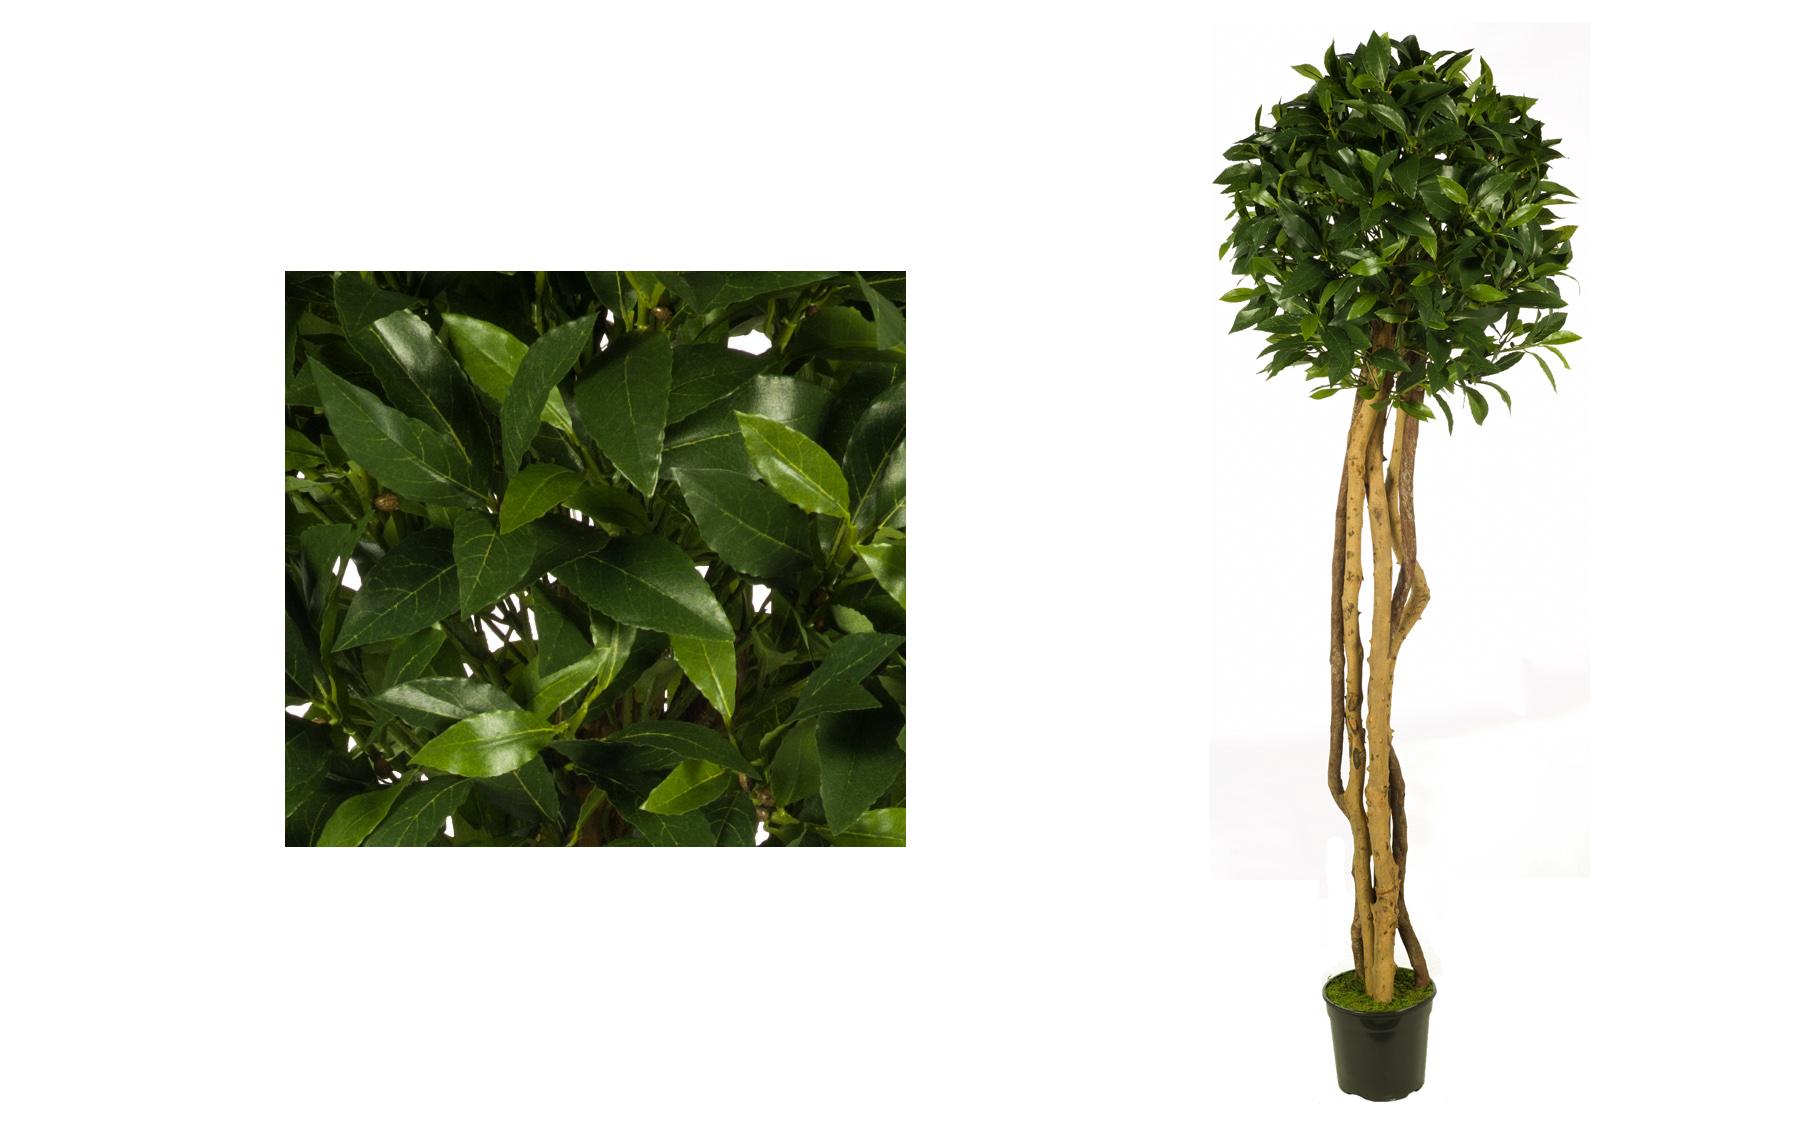 BOLA LAUREL www.floresymcuhomas.com